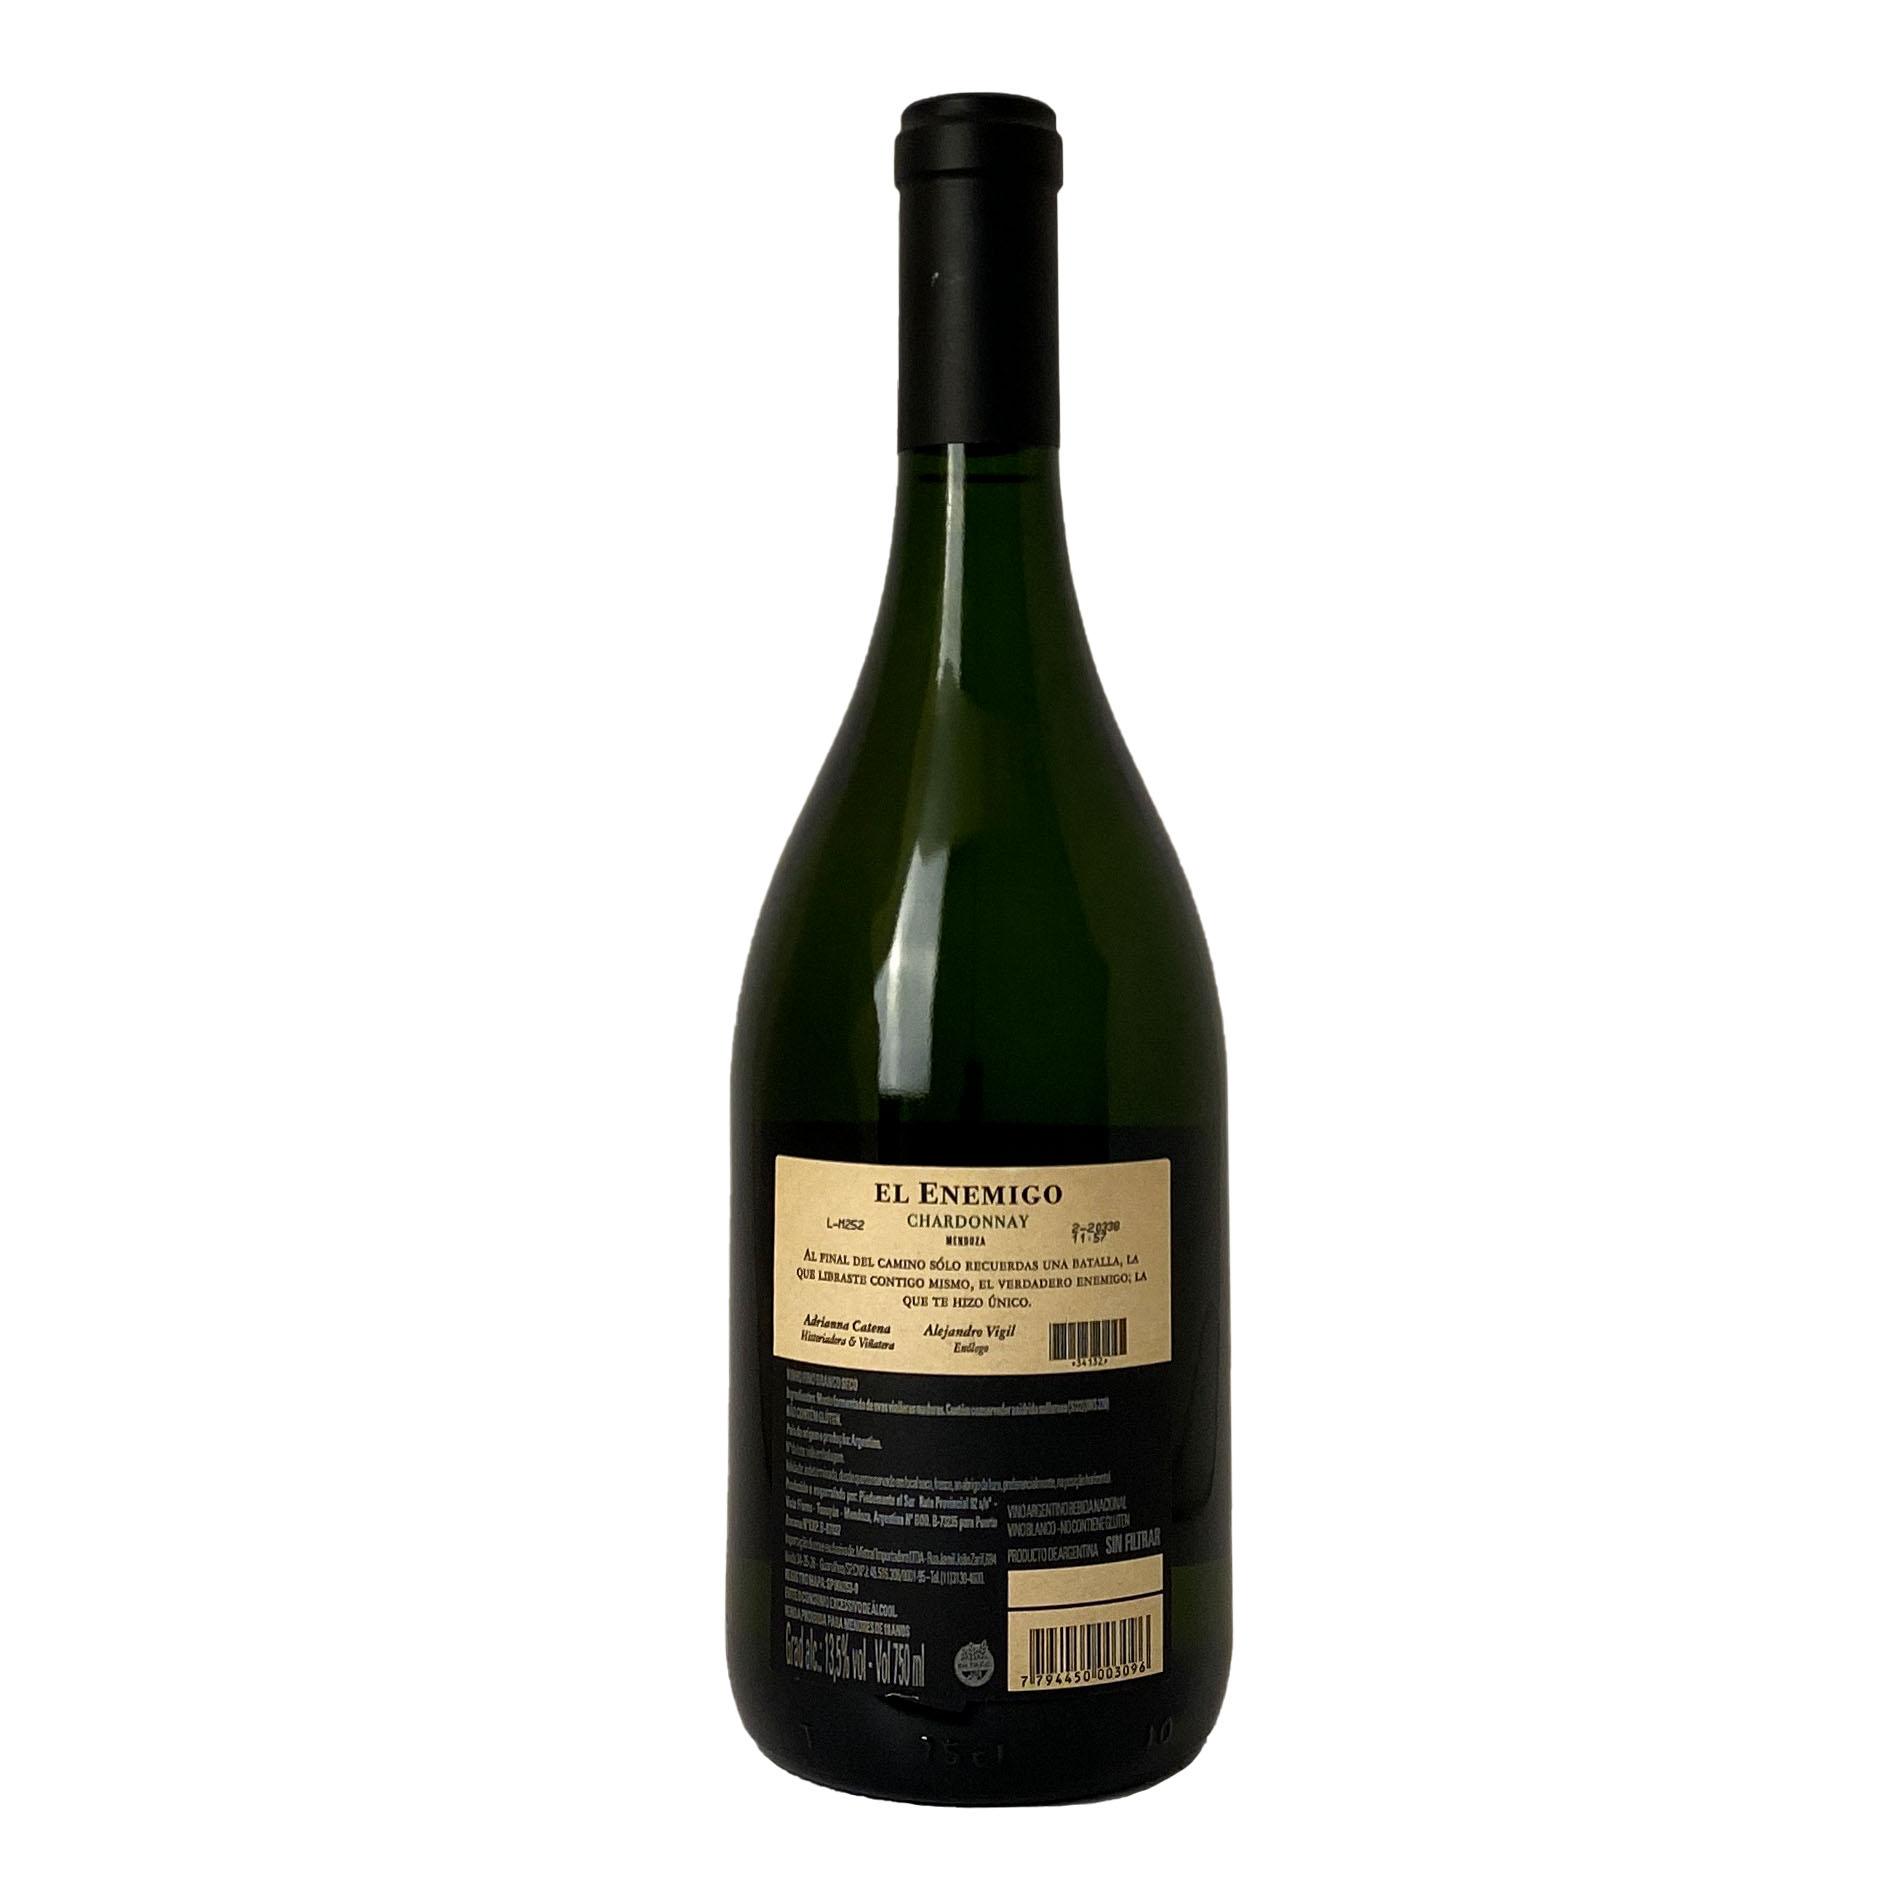 El Enemigo Chardonnay  - Vinerize